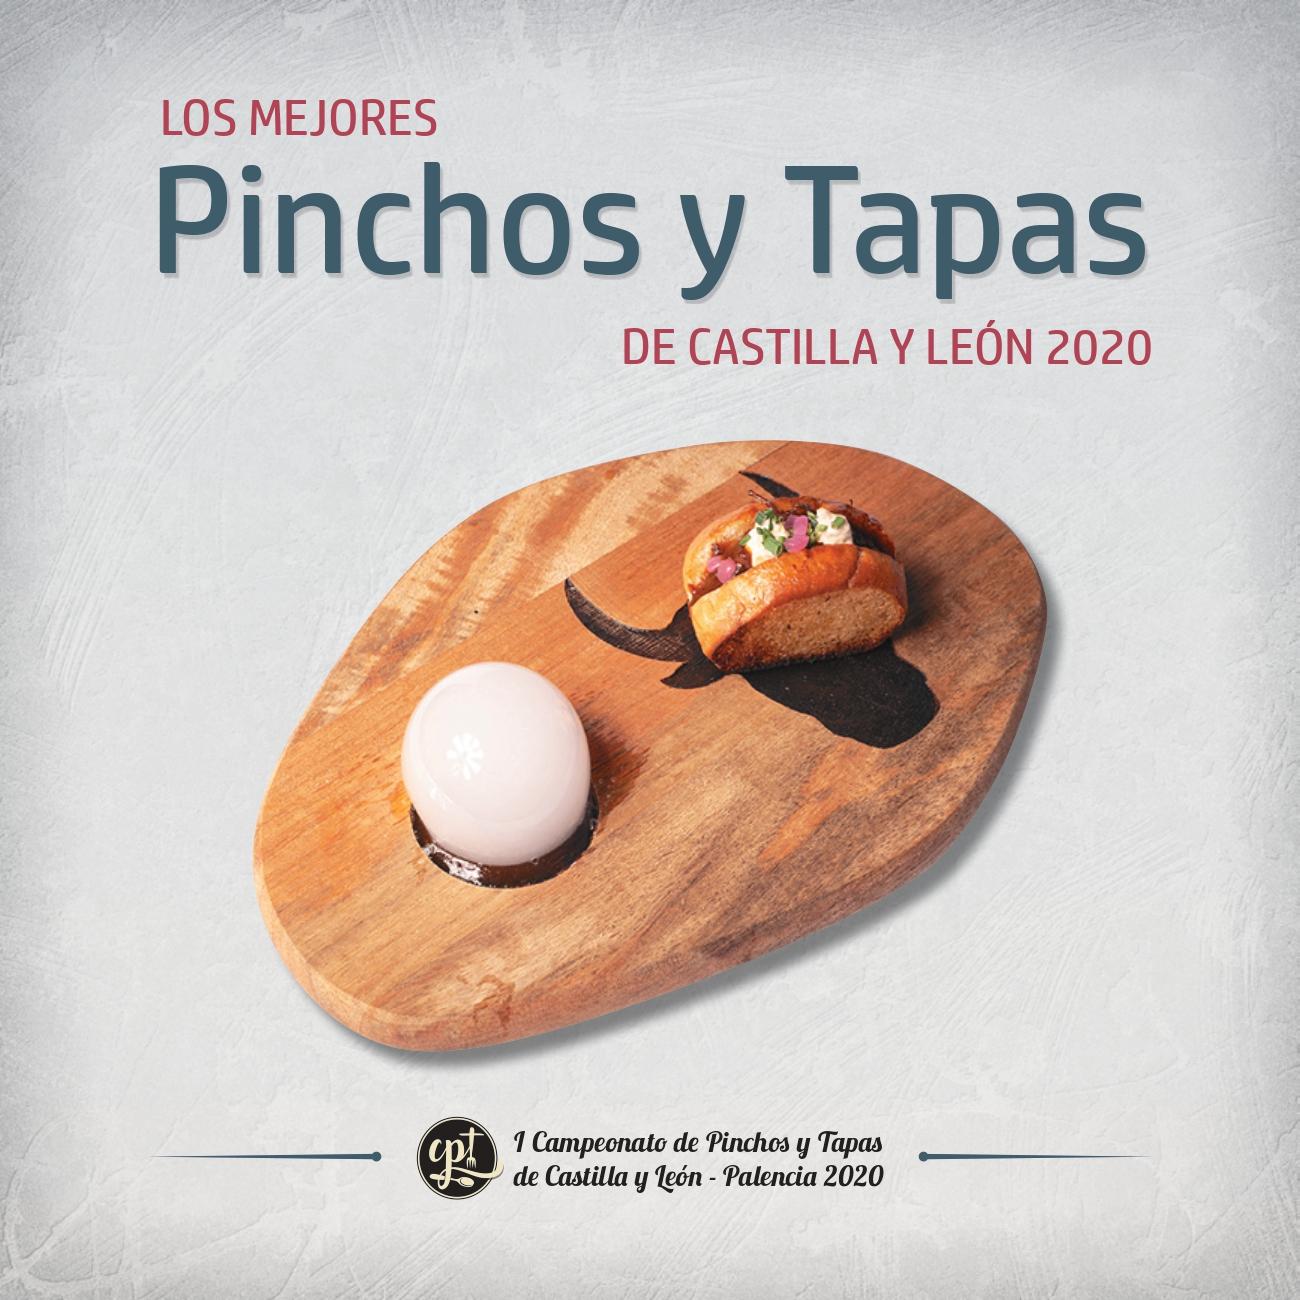 Portada del libro I Campeonato de Pinchos y Tapas de Castilla y León.